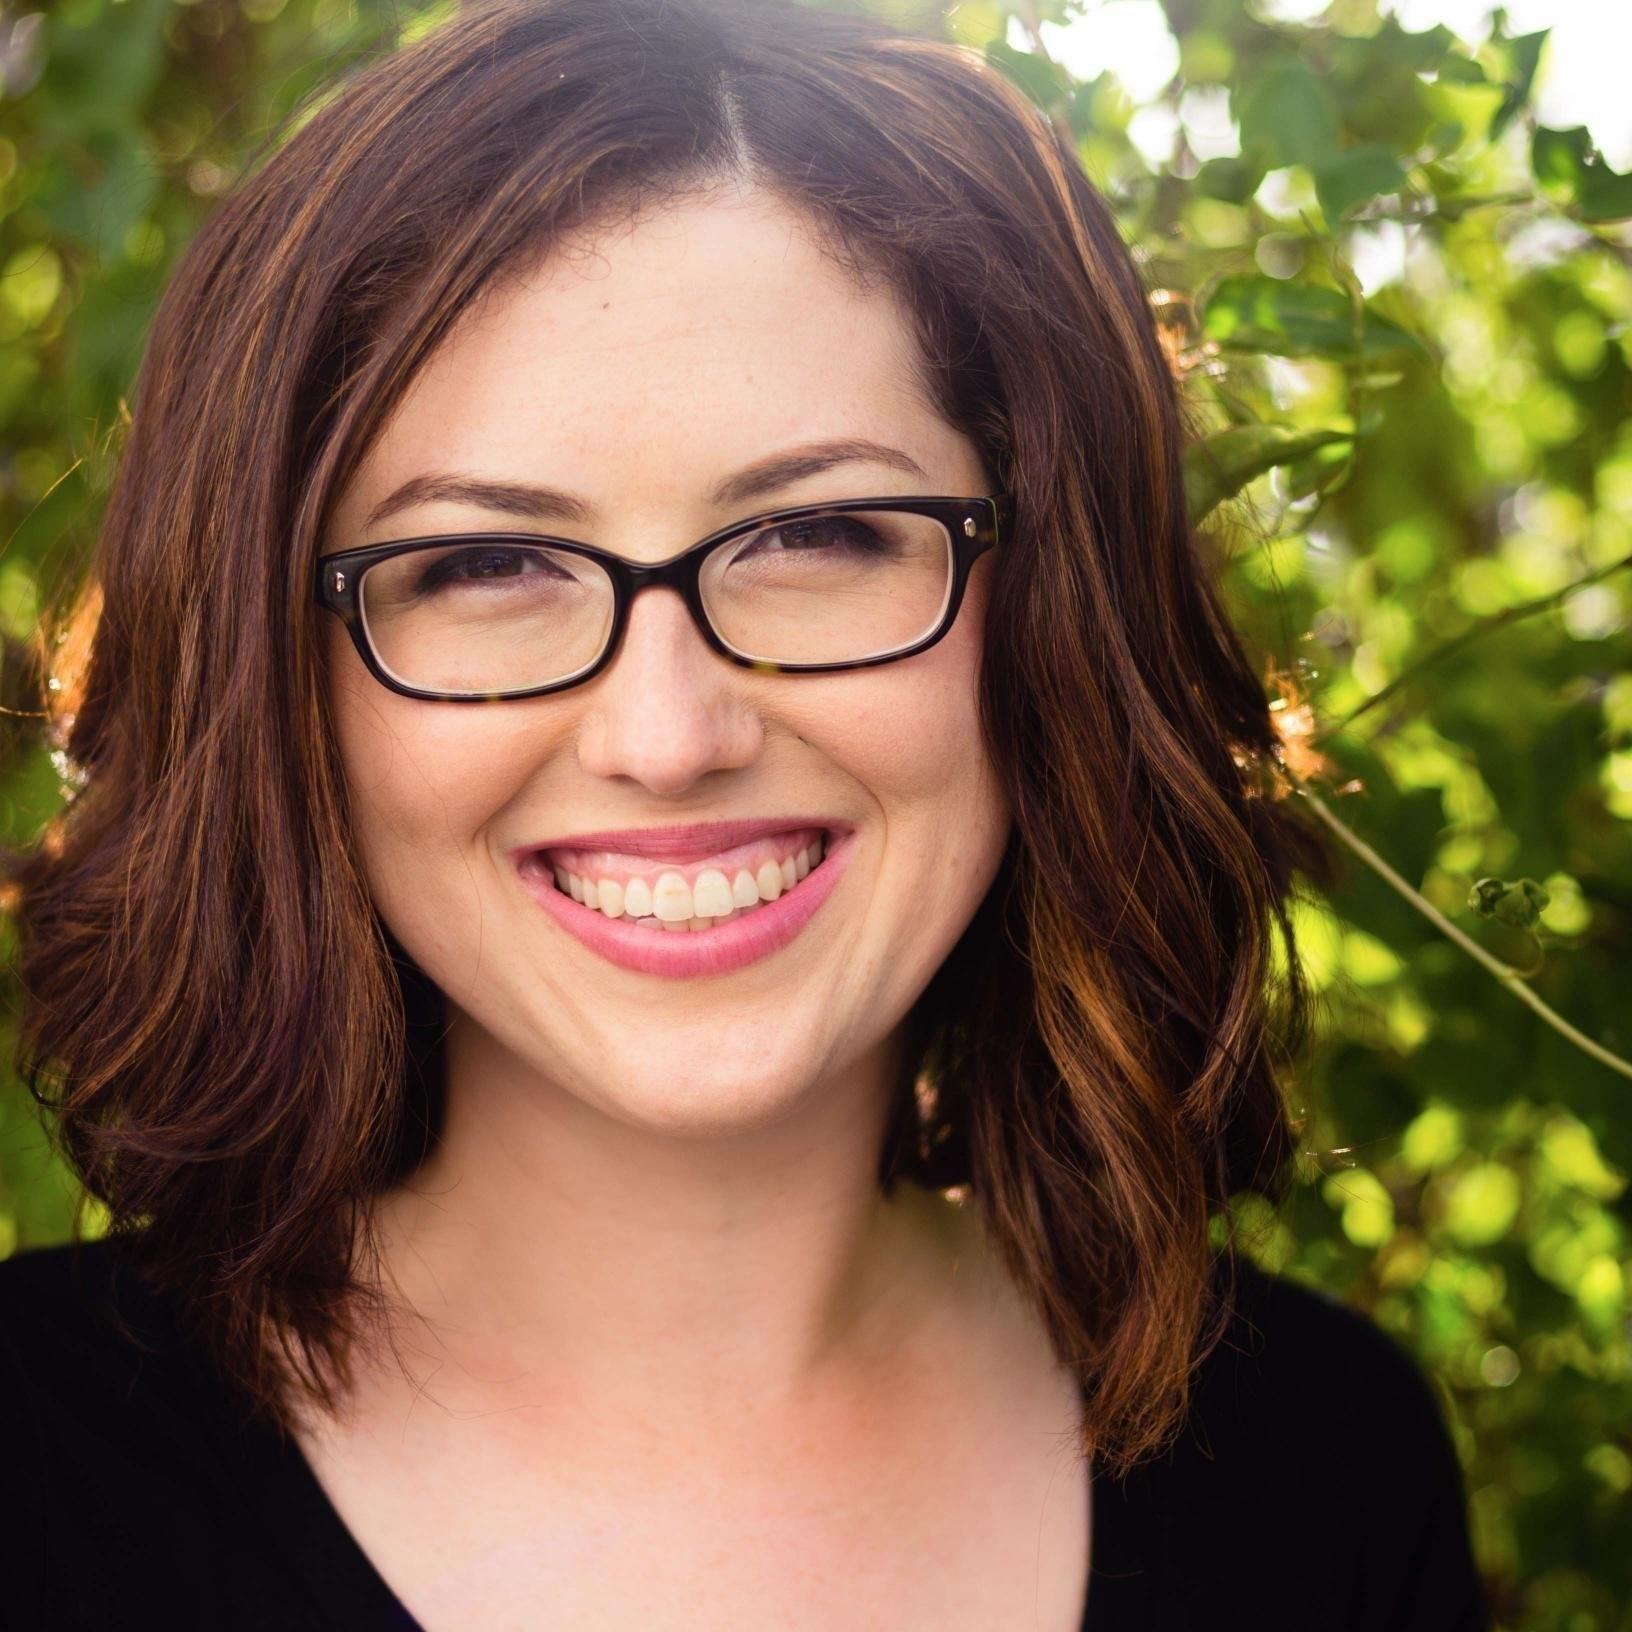 Megan Kierstead